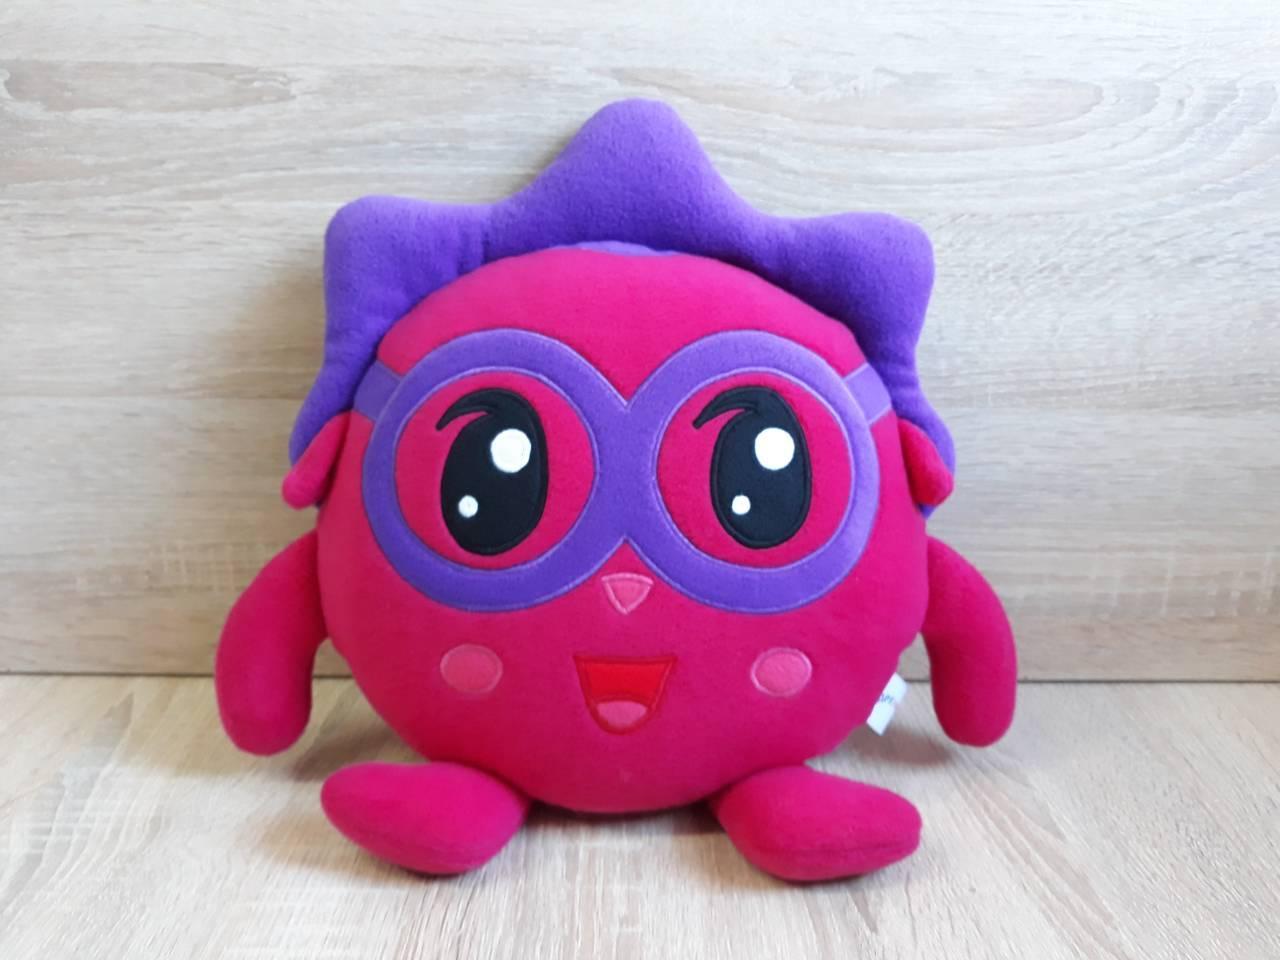 Мягкая игрушка - подушка Ежик Малышарики ручная работа